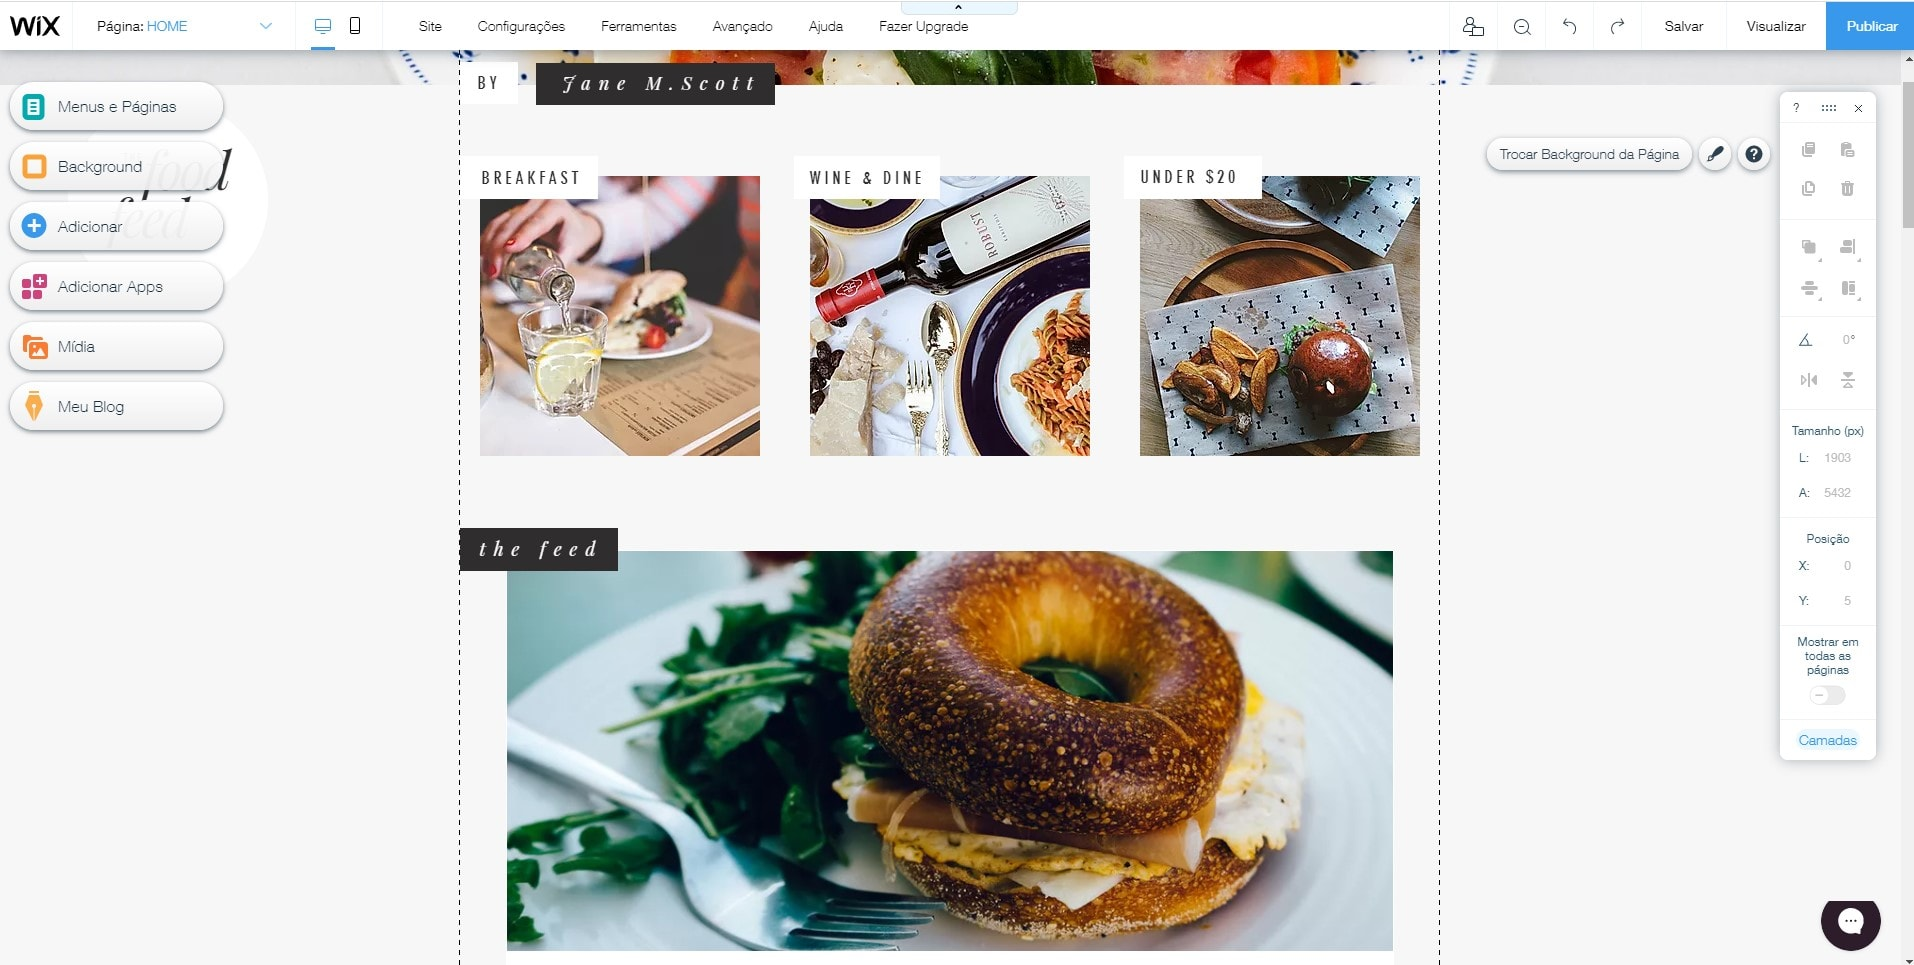 Los 5 mejores constructores web (asequibles) para blogs de comida en 2020